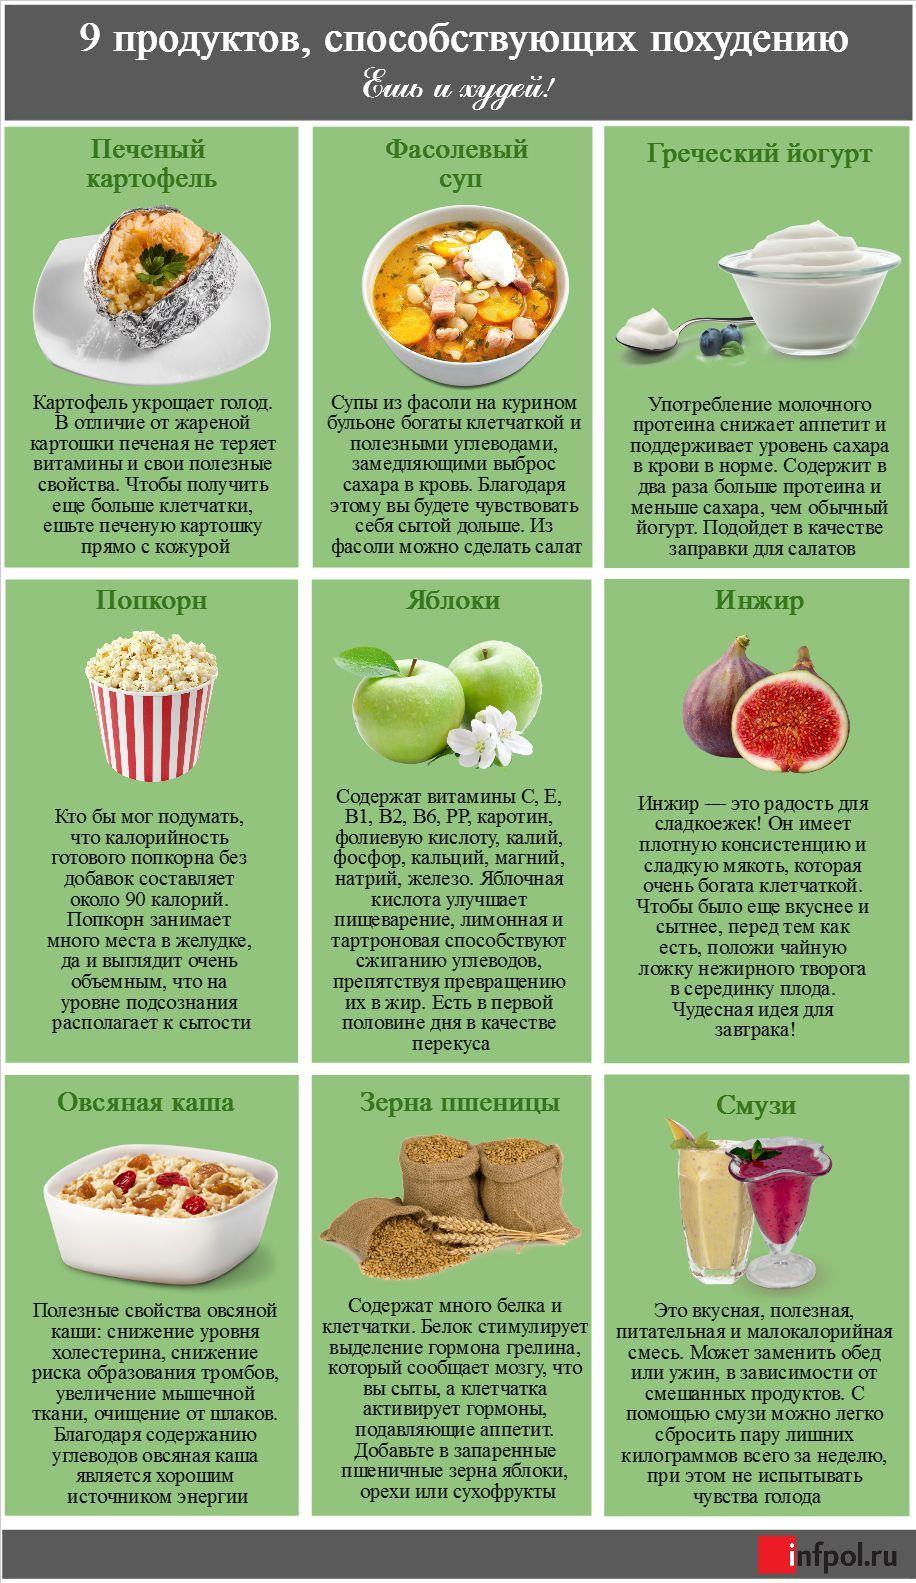 Какие 3 продукта нужно исключить чтобы похудеть